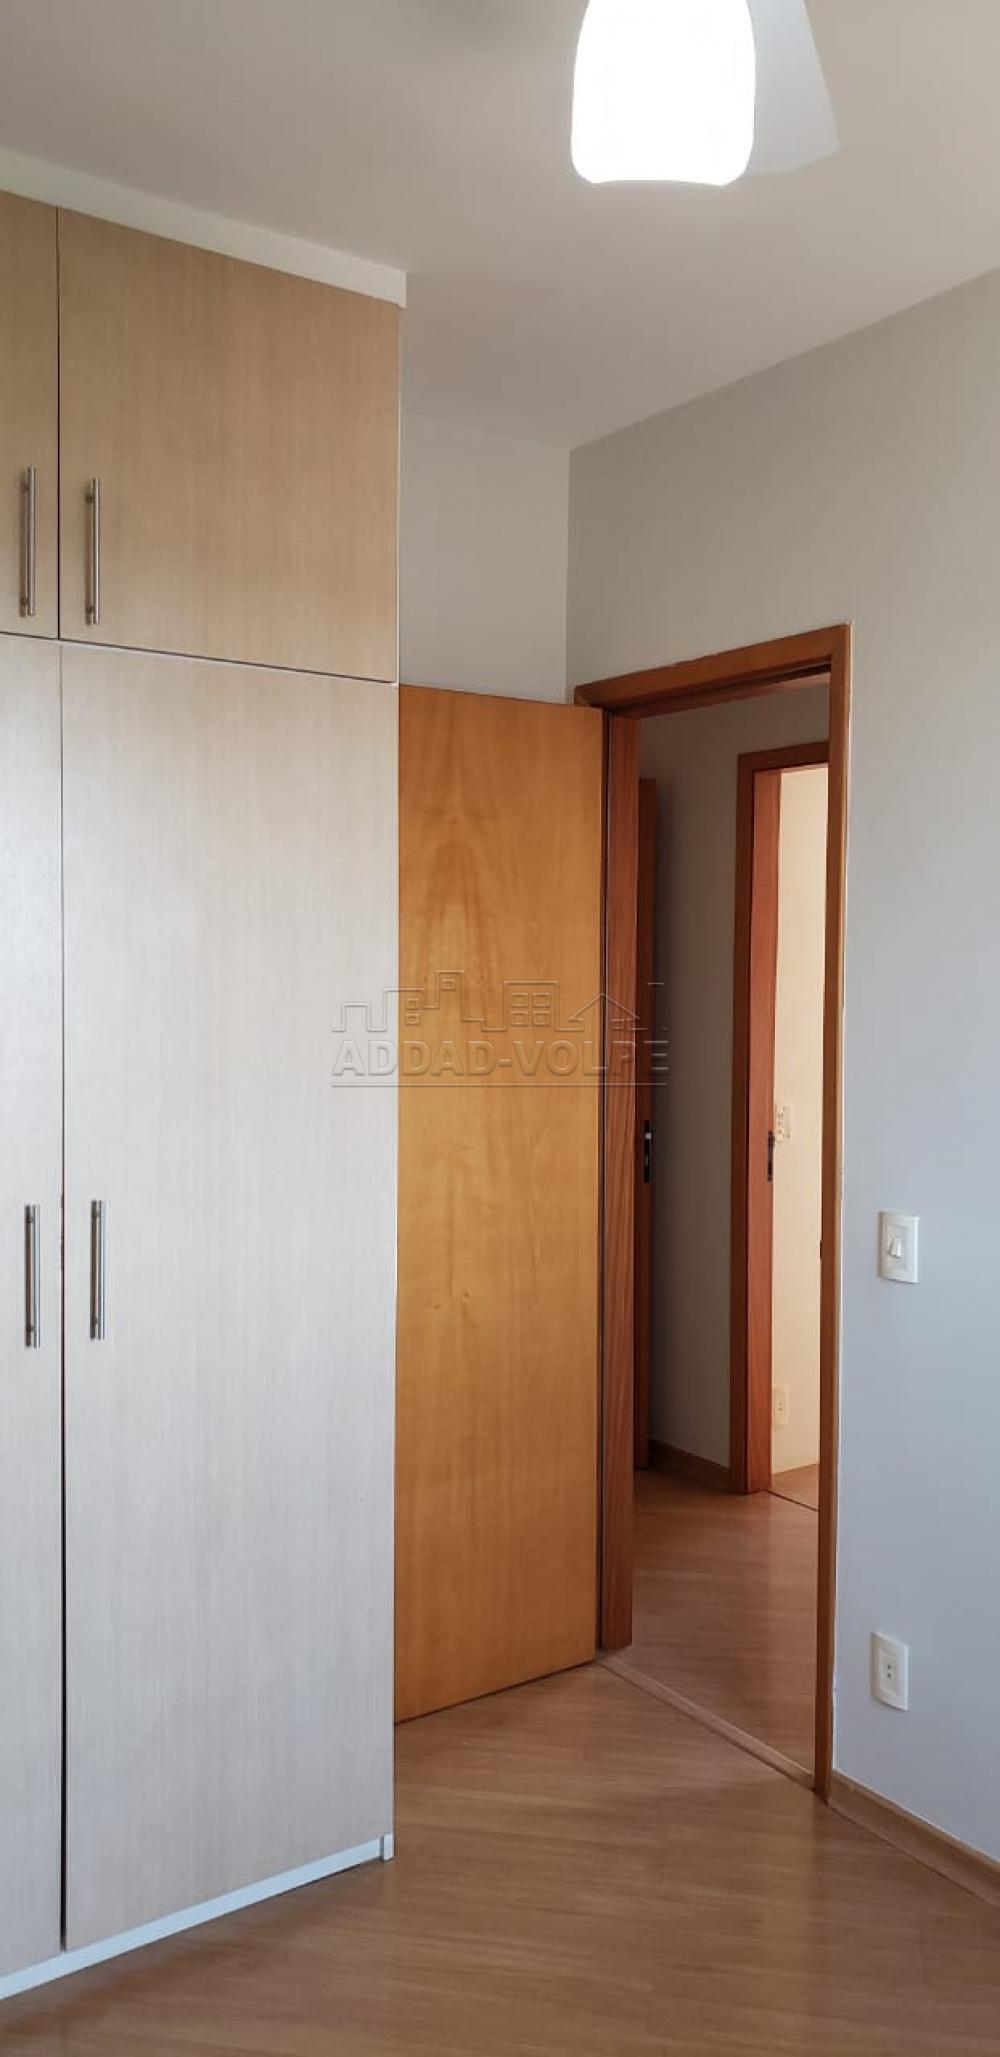 Alugar Apartamento / Padrão em Bauru R$ 1.300,00 - Foto 16